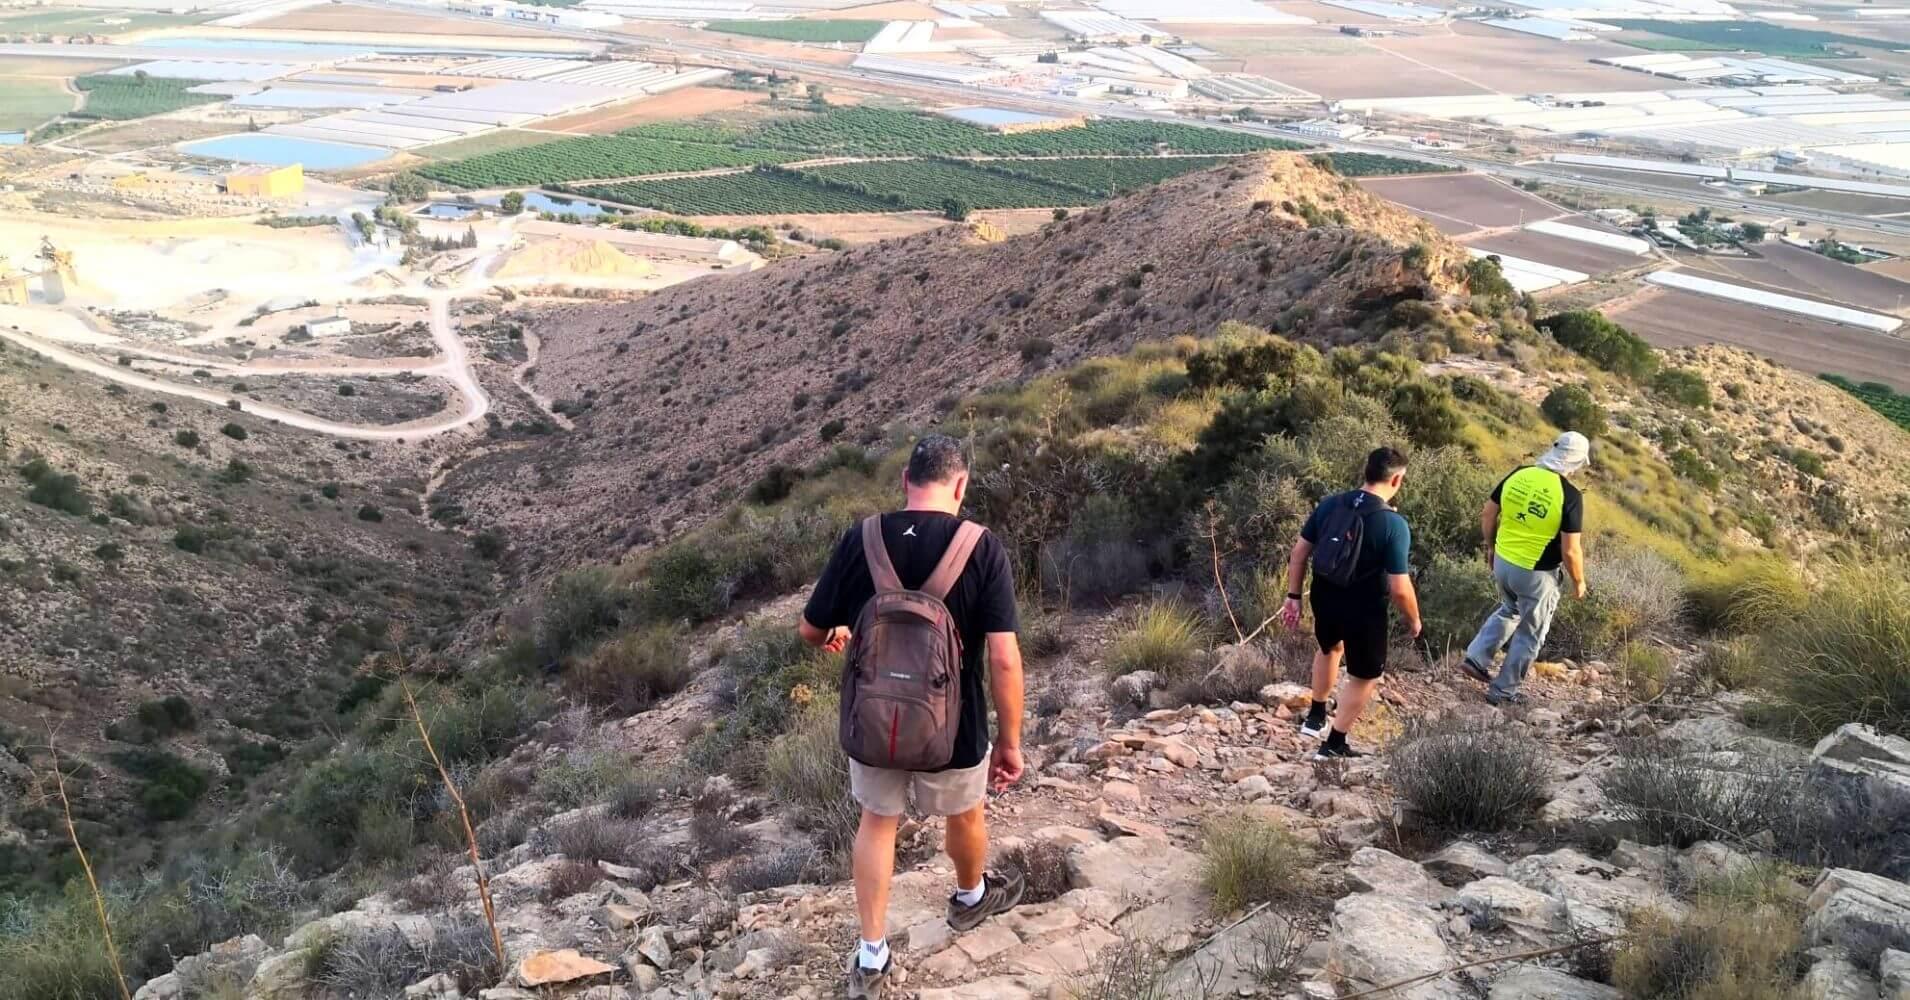 Descenso desde la Cumbre del Cabezo Gordo. Torre Pacheco. Región de Murcia.